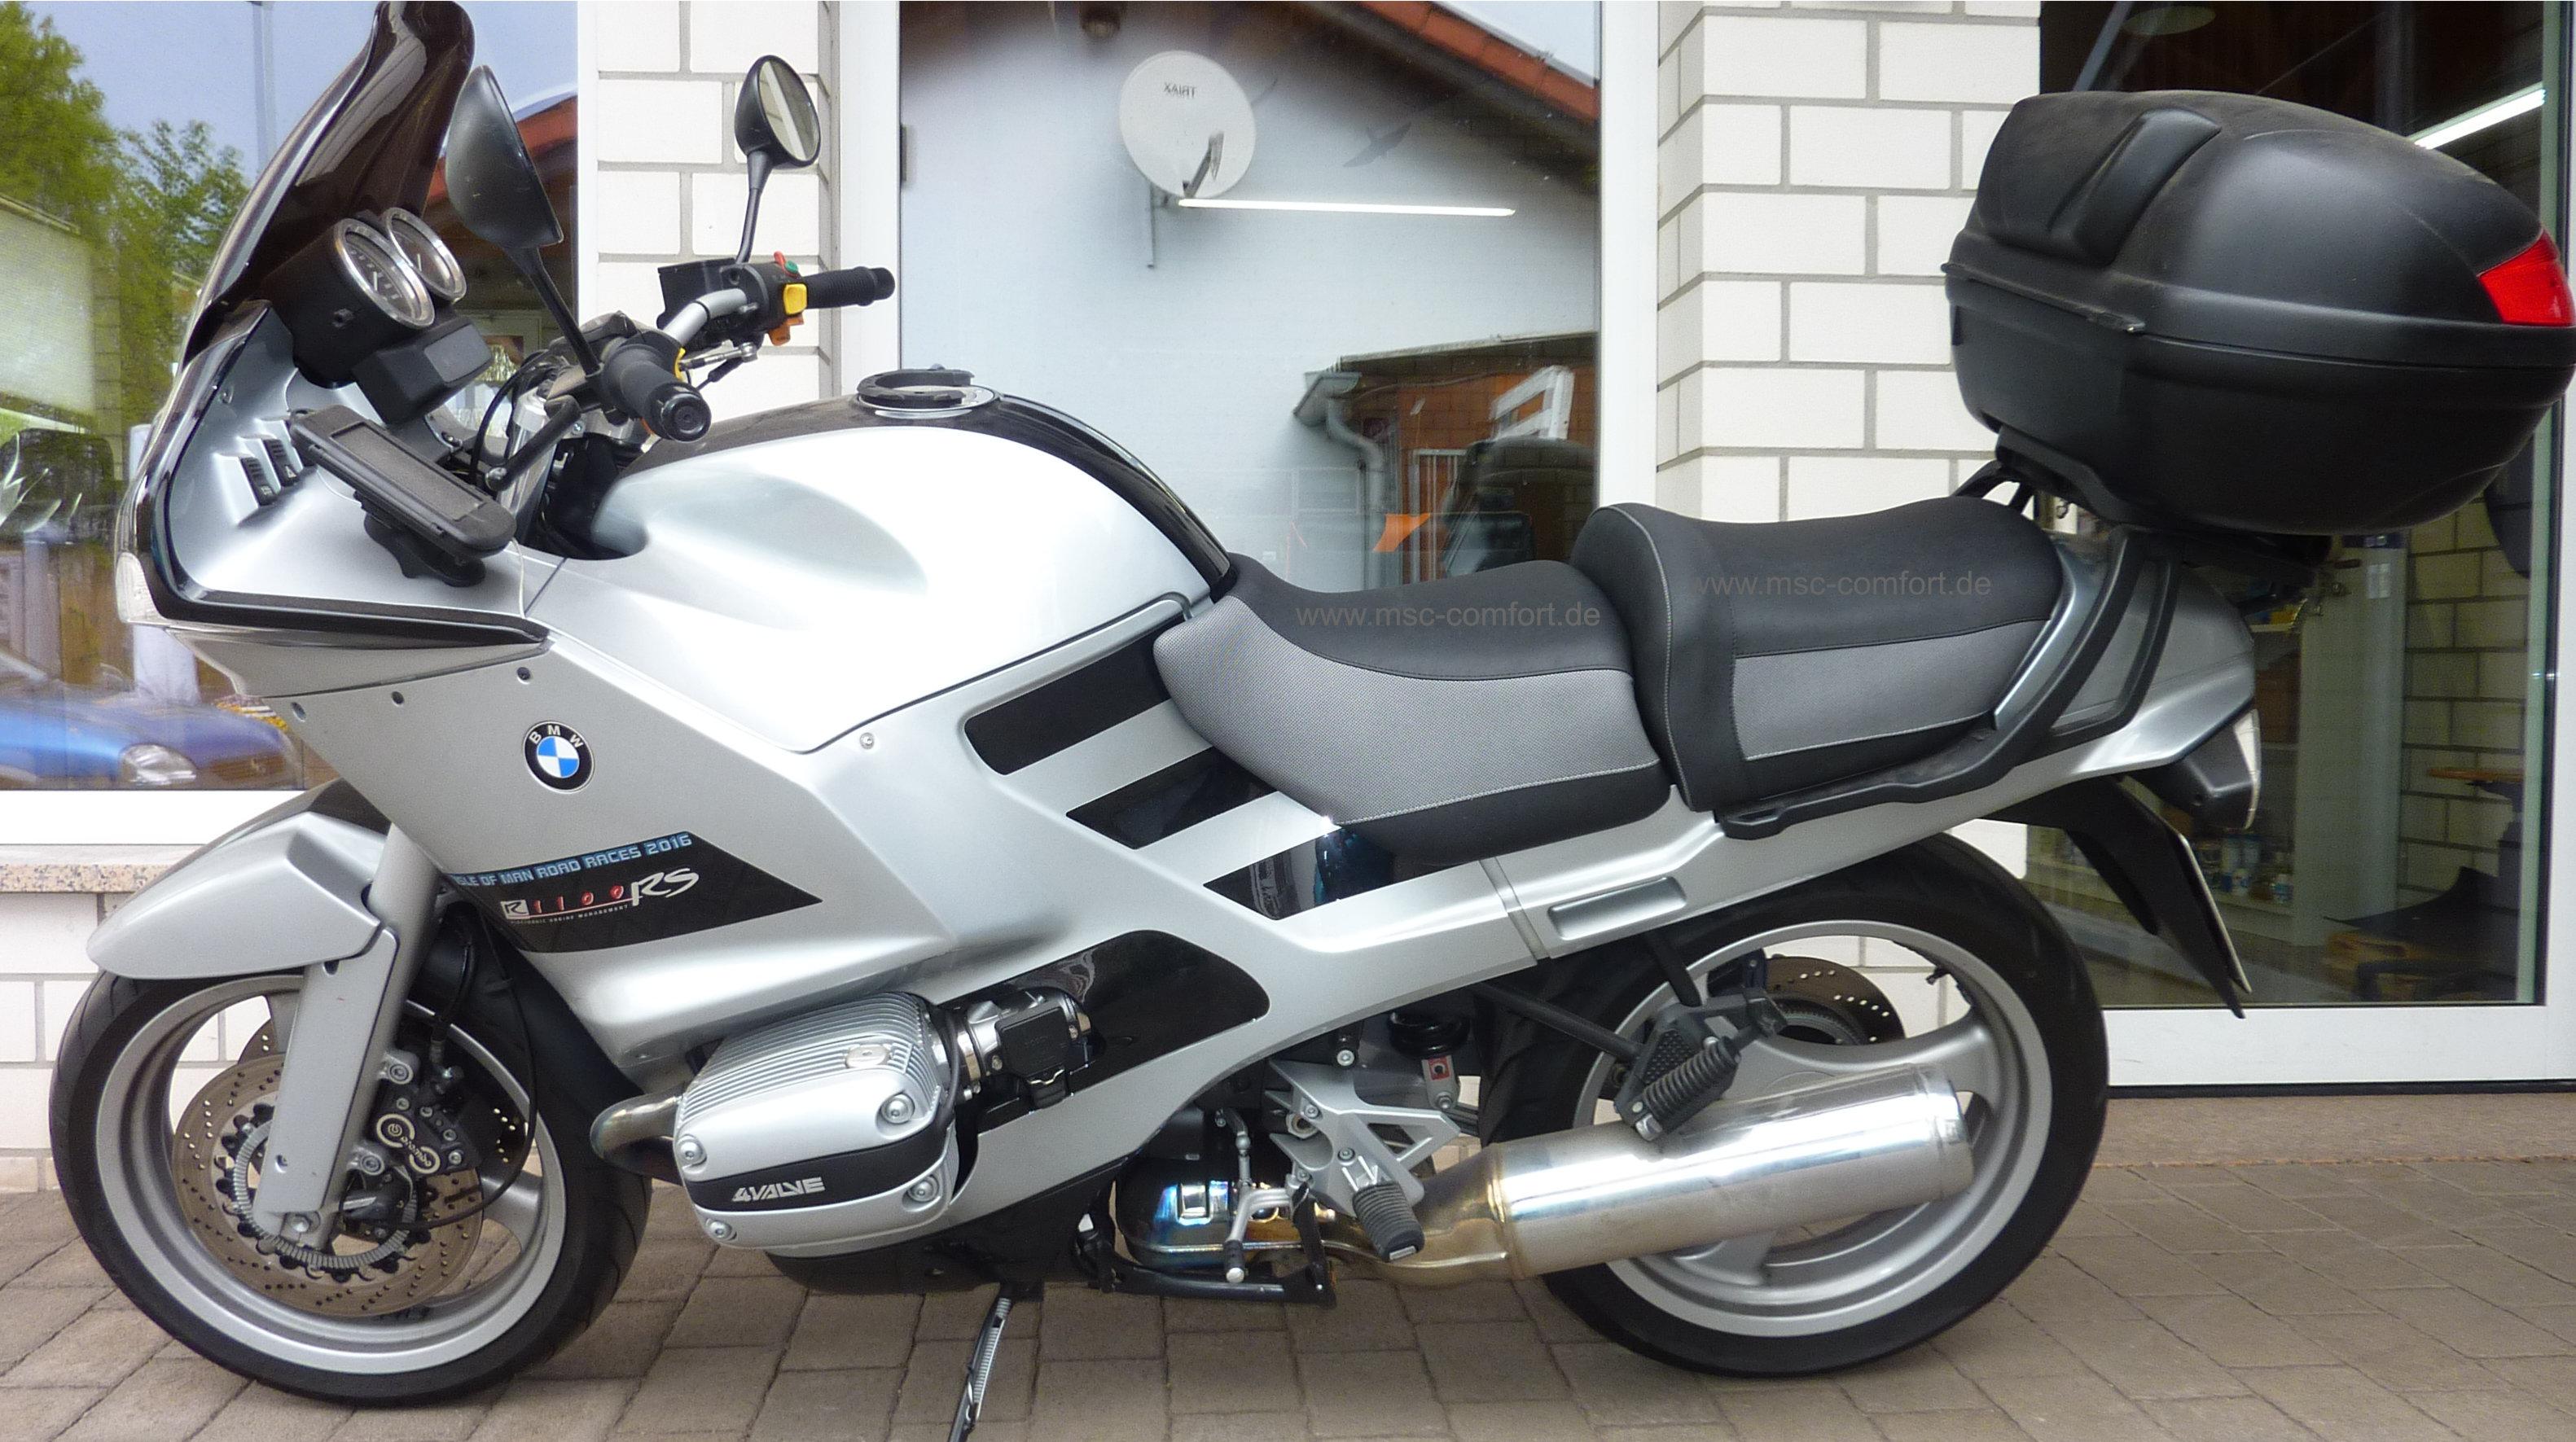 Sitzbank BMW R1100 RS aufgepolstert 2